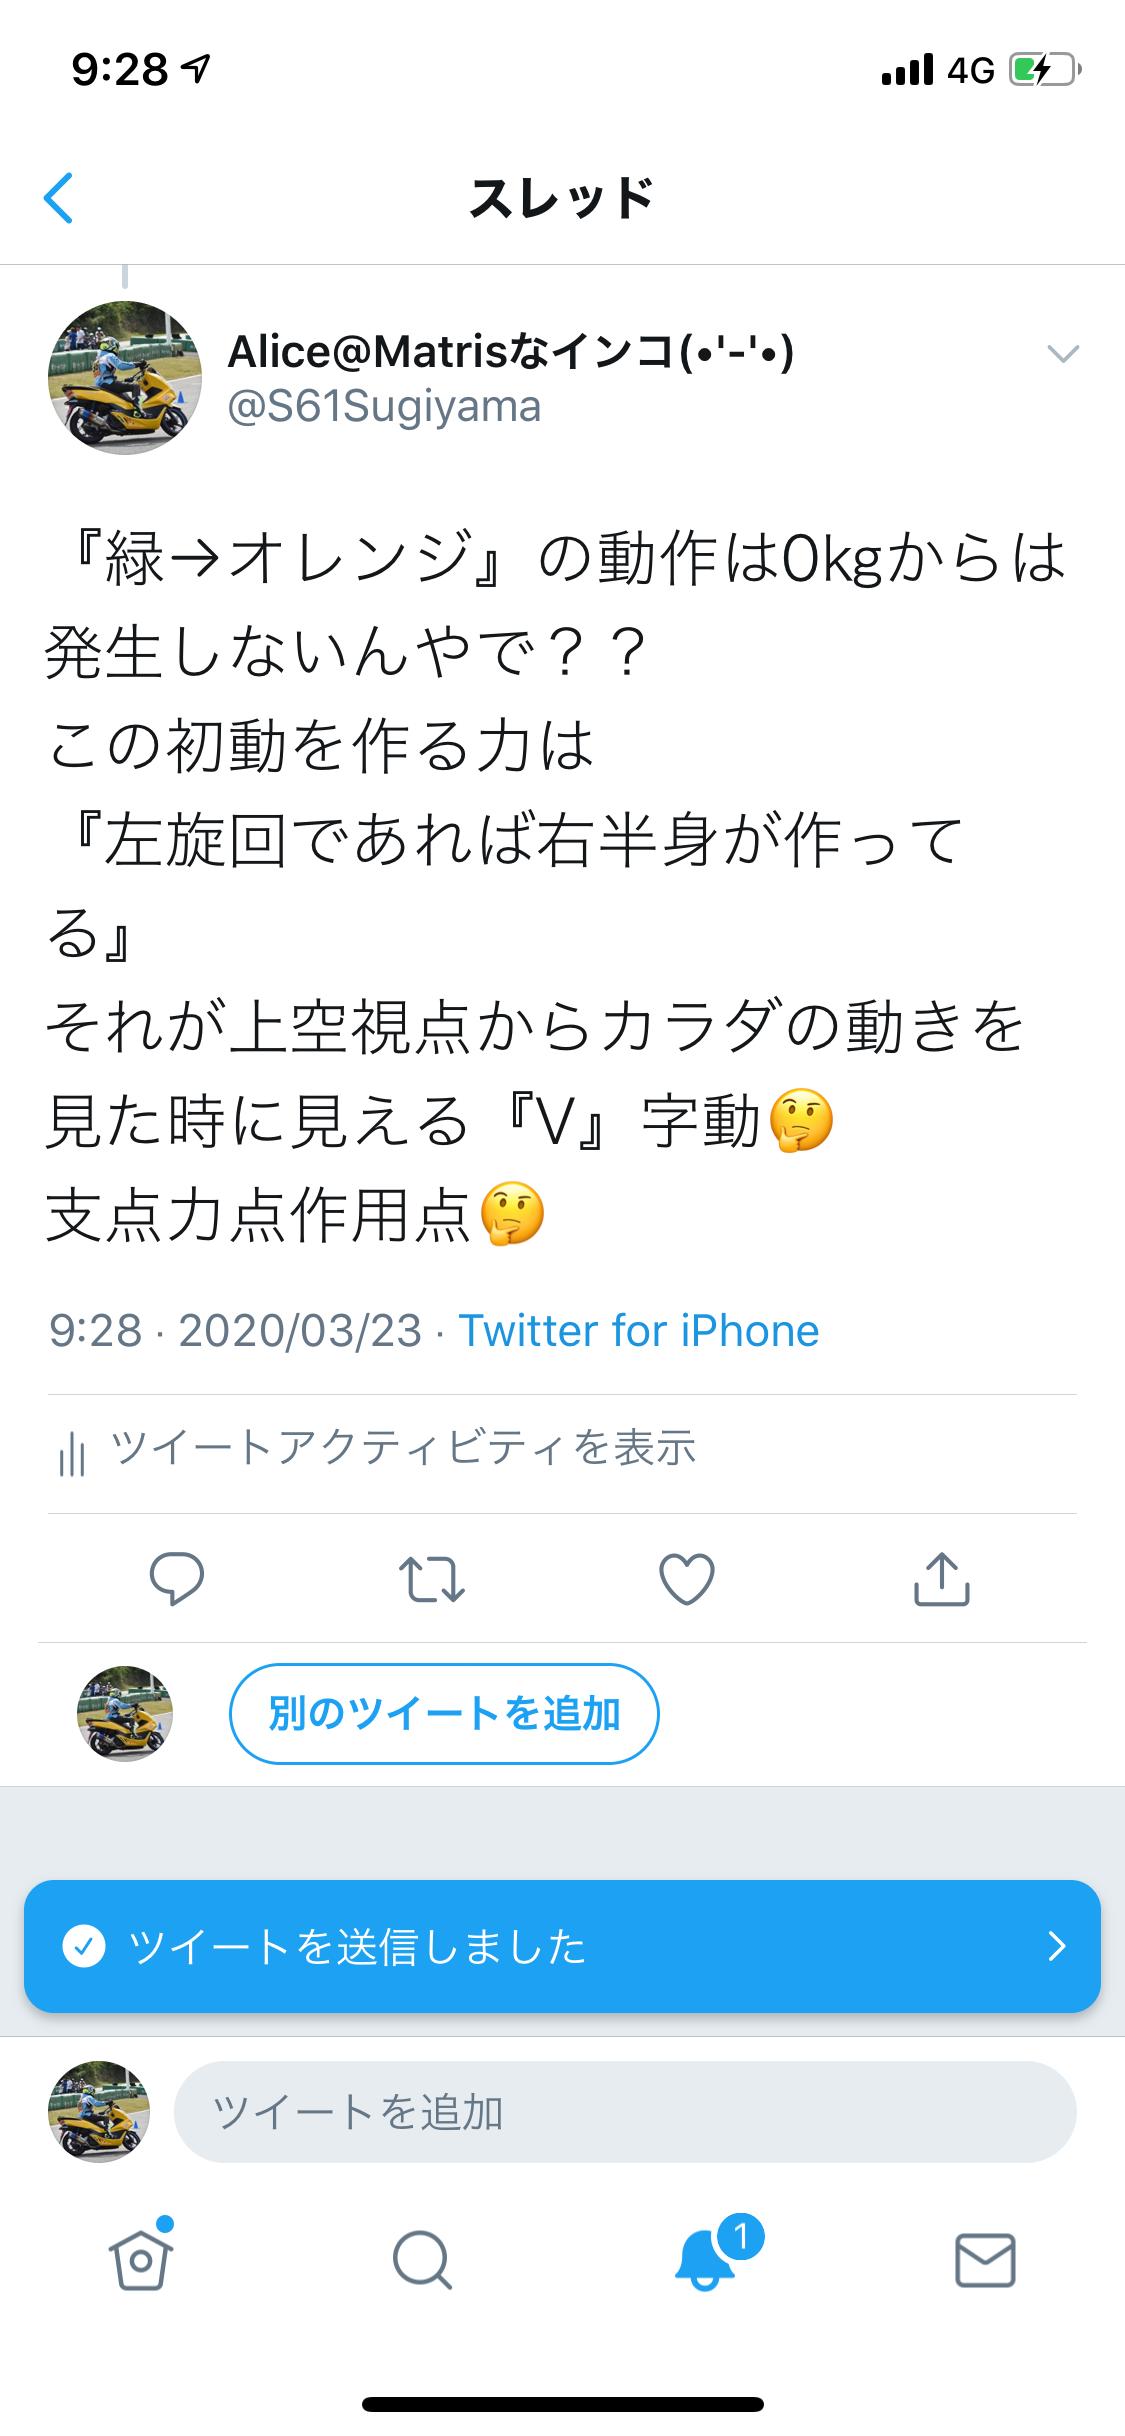 f:id:m-sugiyama-s61:20200328190008p:plain